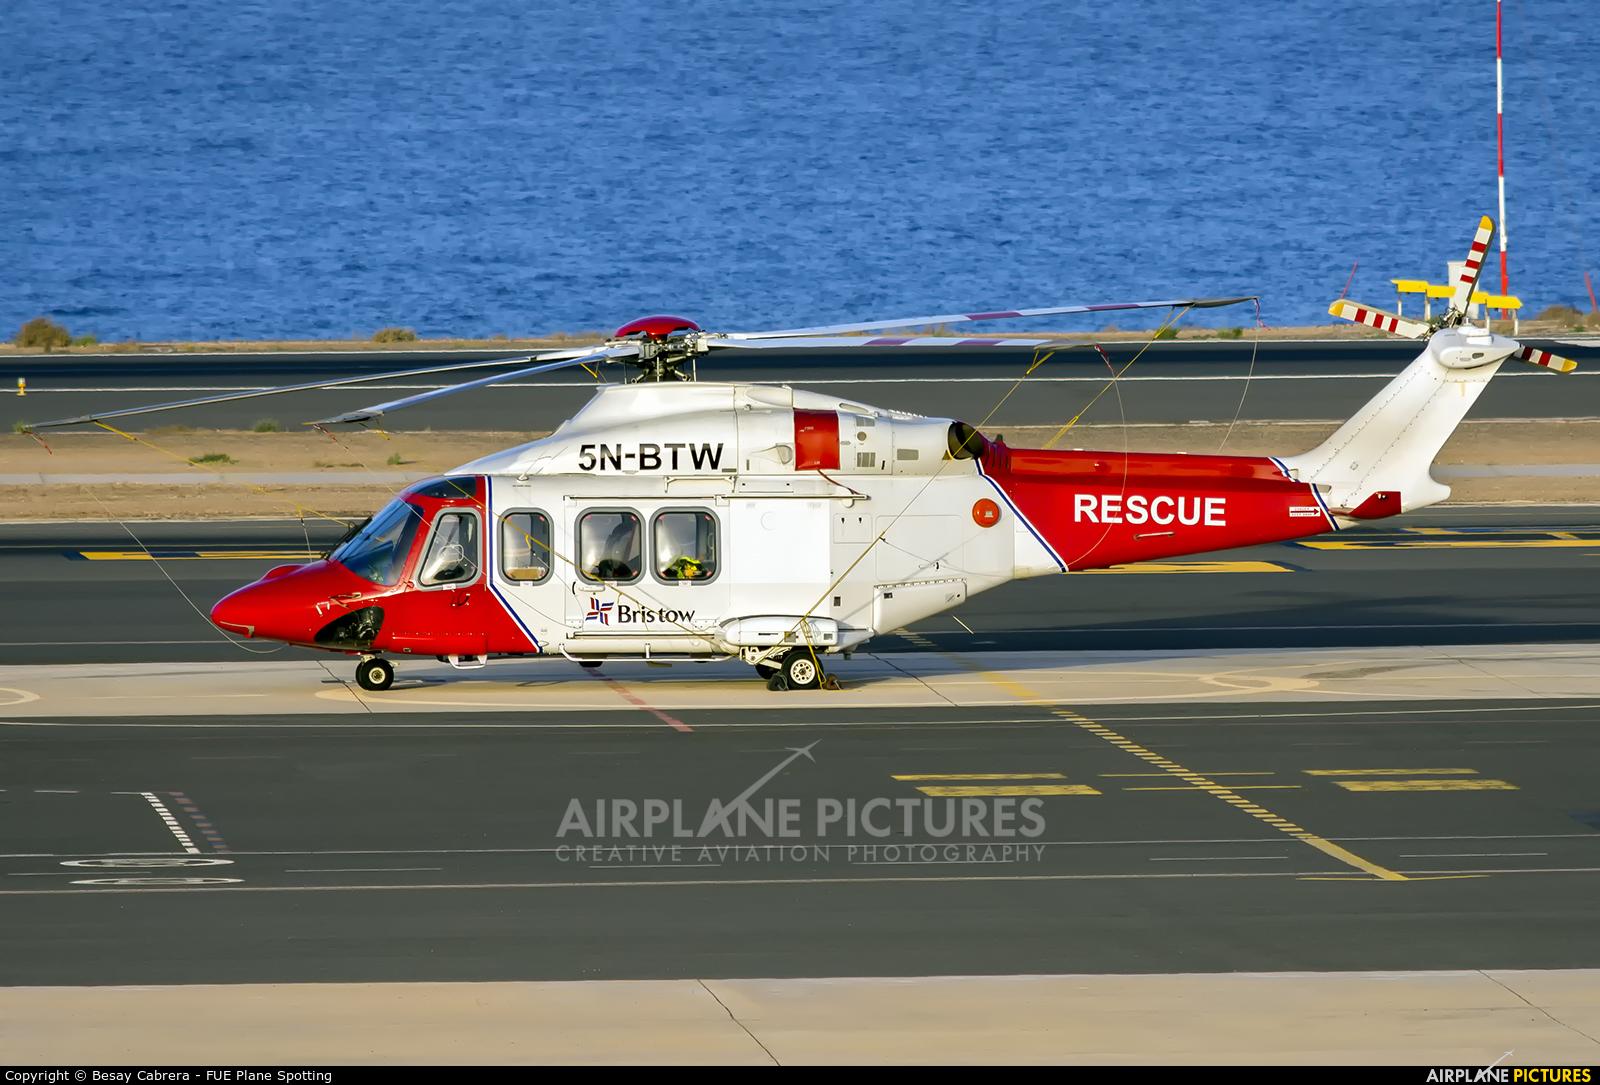 Bristow Helicopters 5N-BTW aircraft at Fuerteventura - Puerto del Rosario